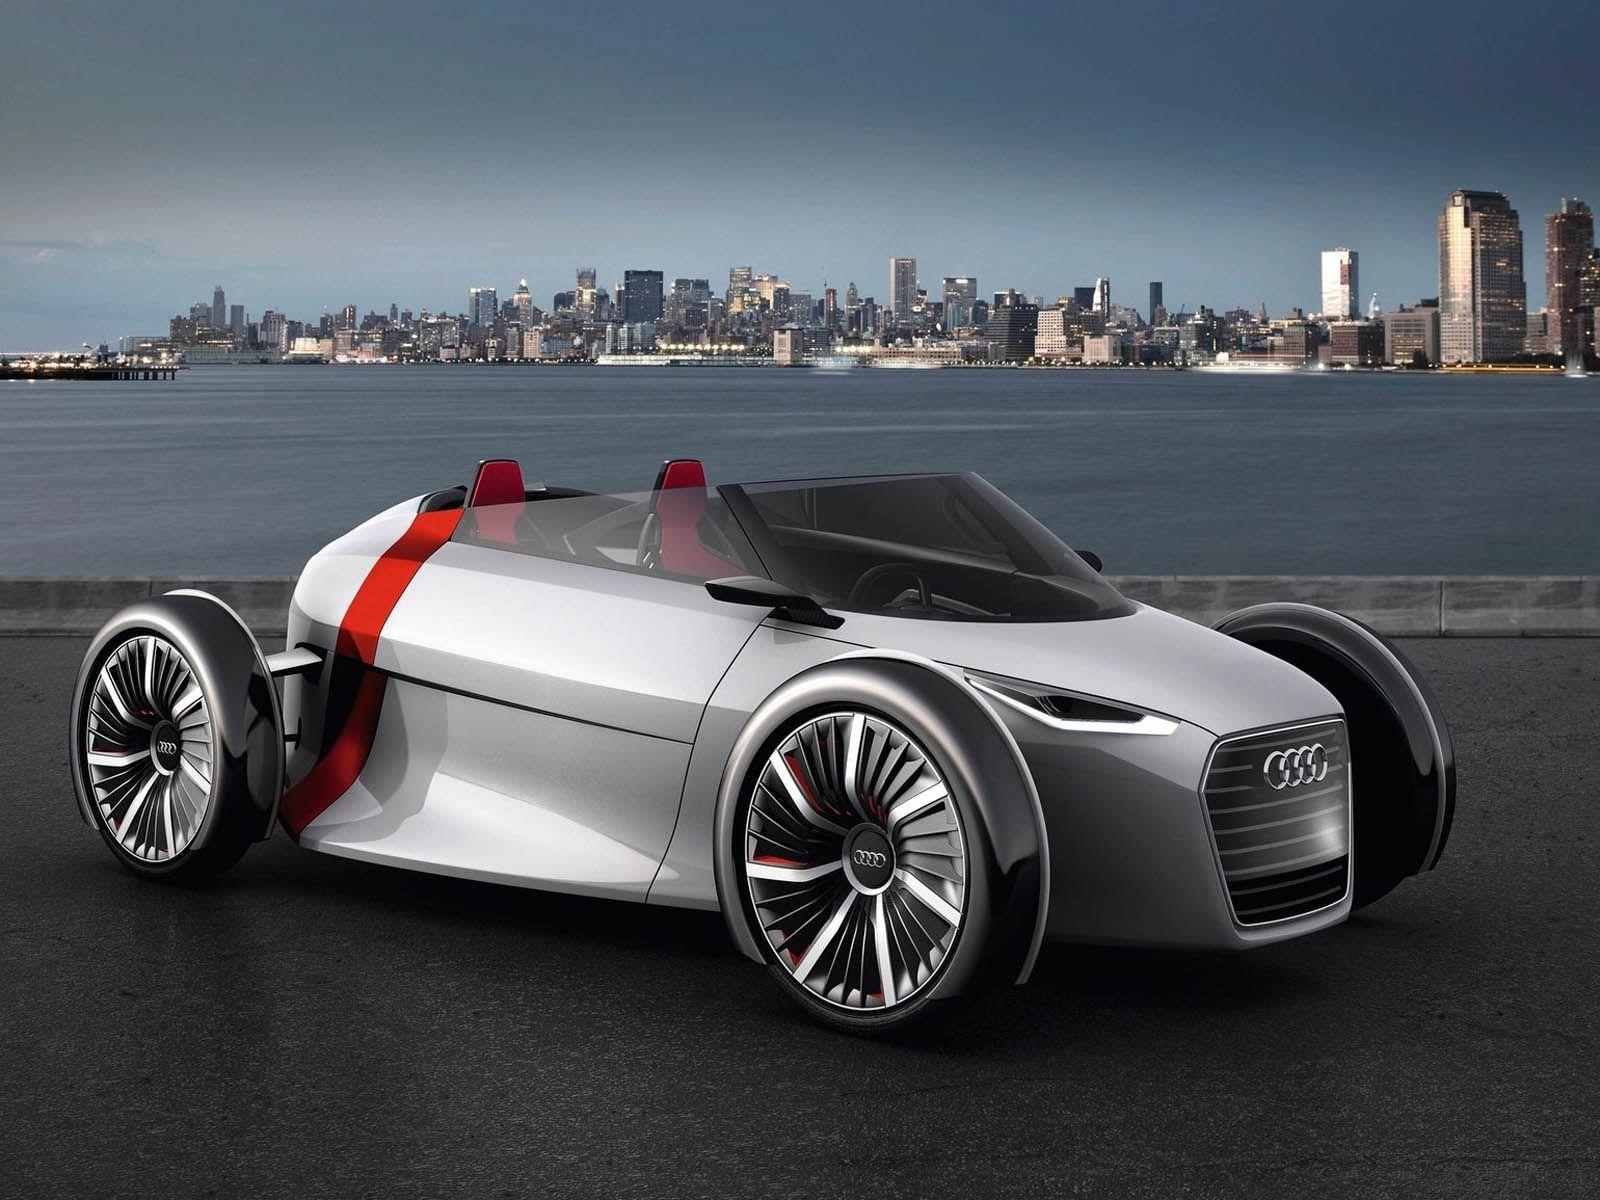 Fondos De Pantalla Para Pc De Autos: Autos, Coche Del Futuro Y Autos